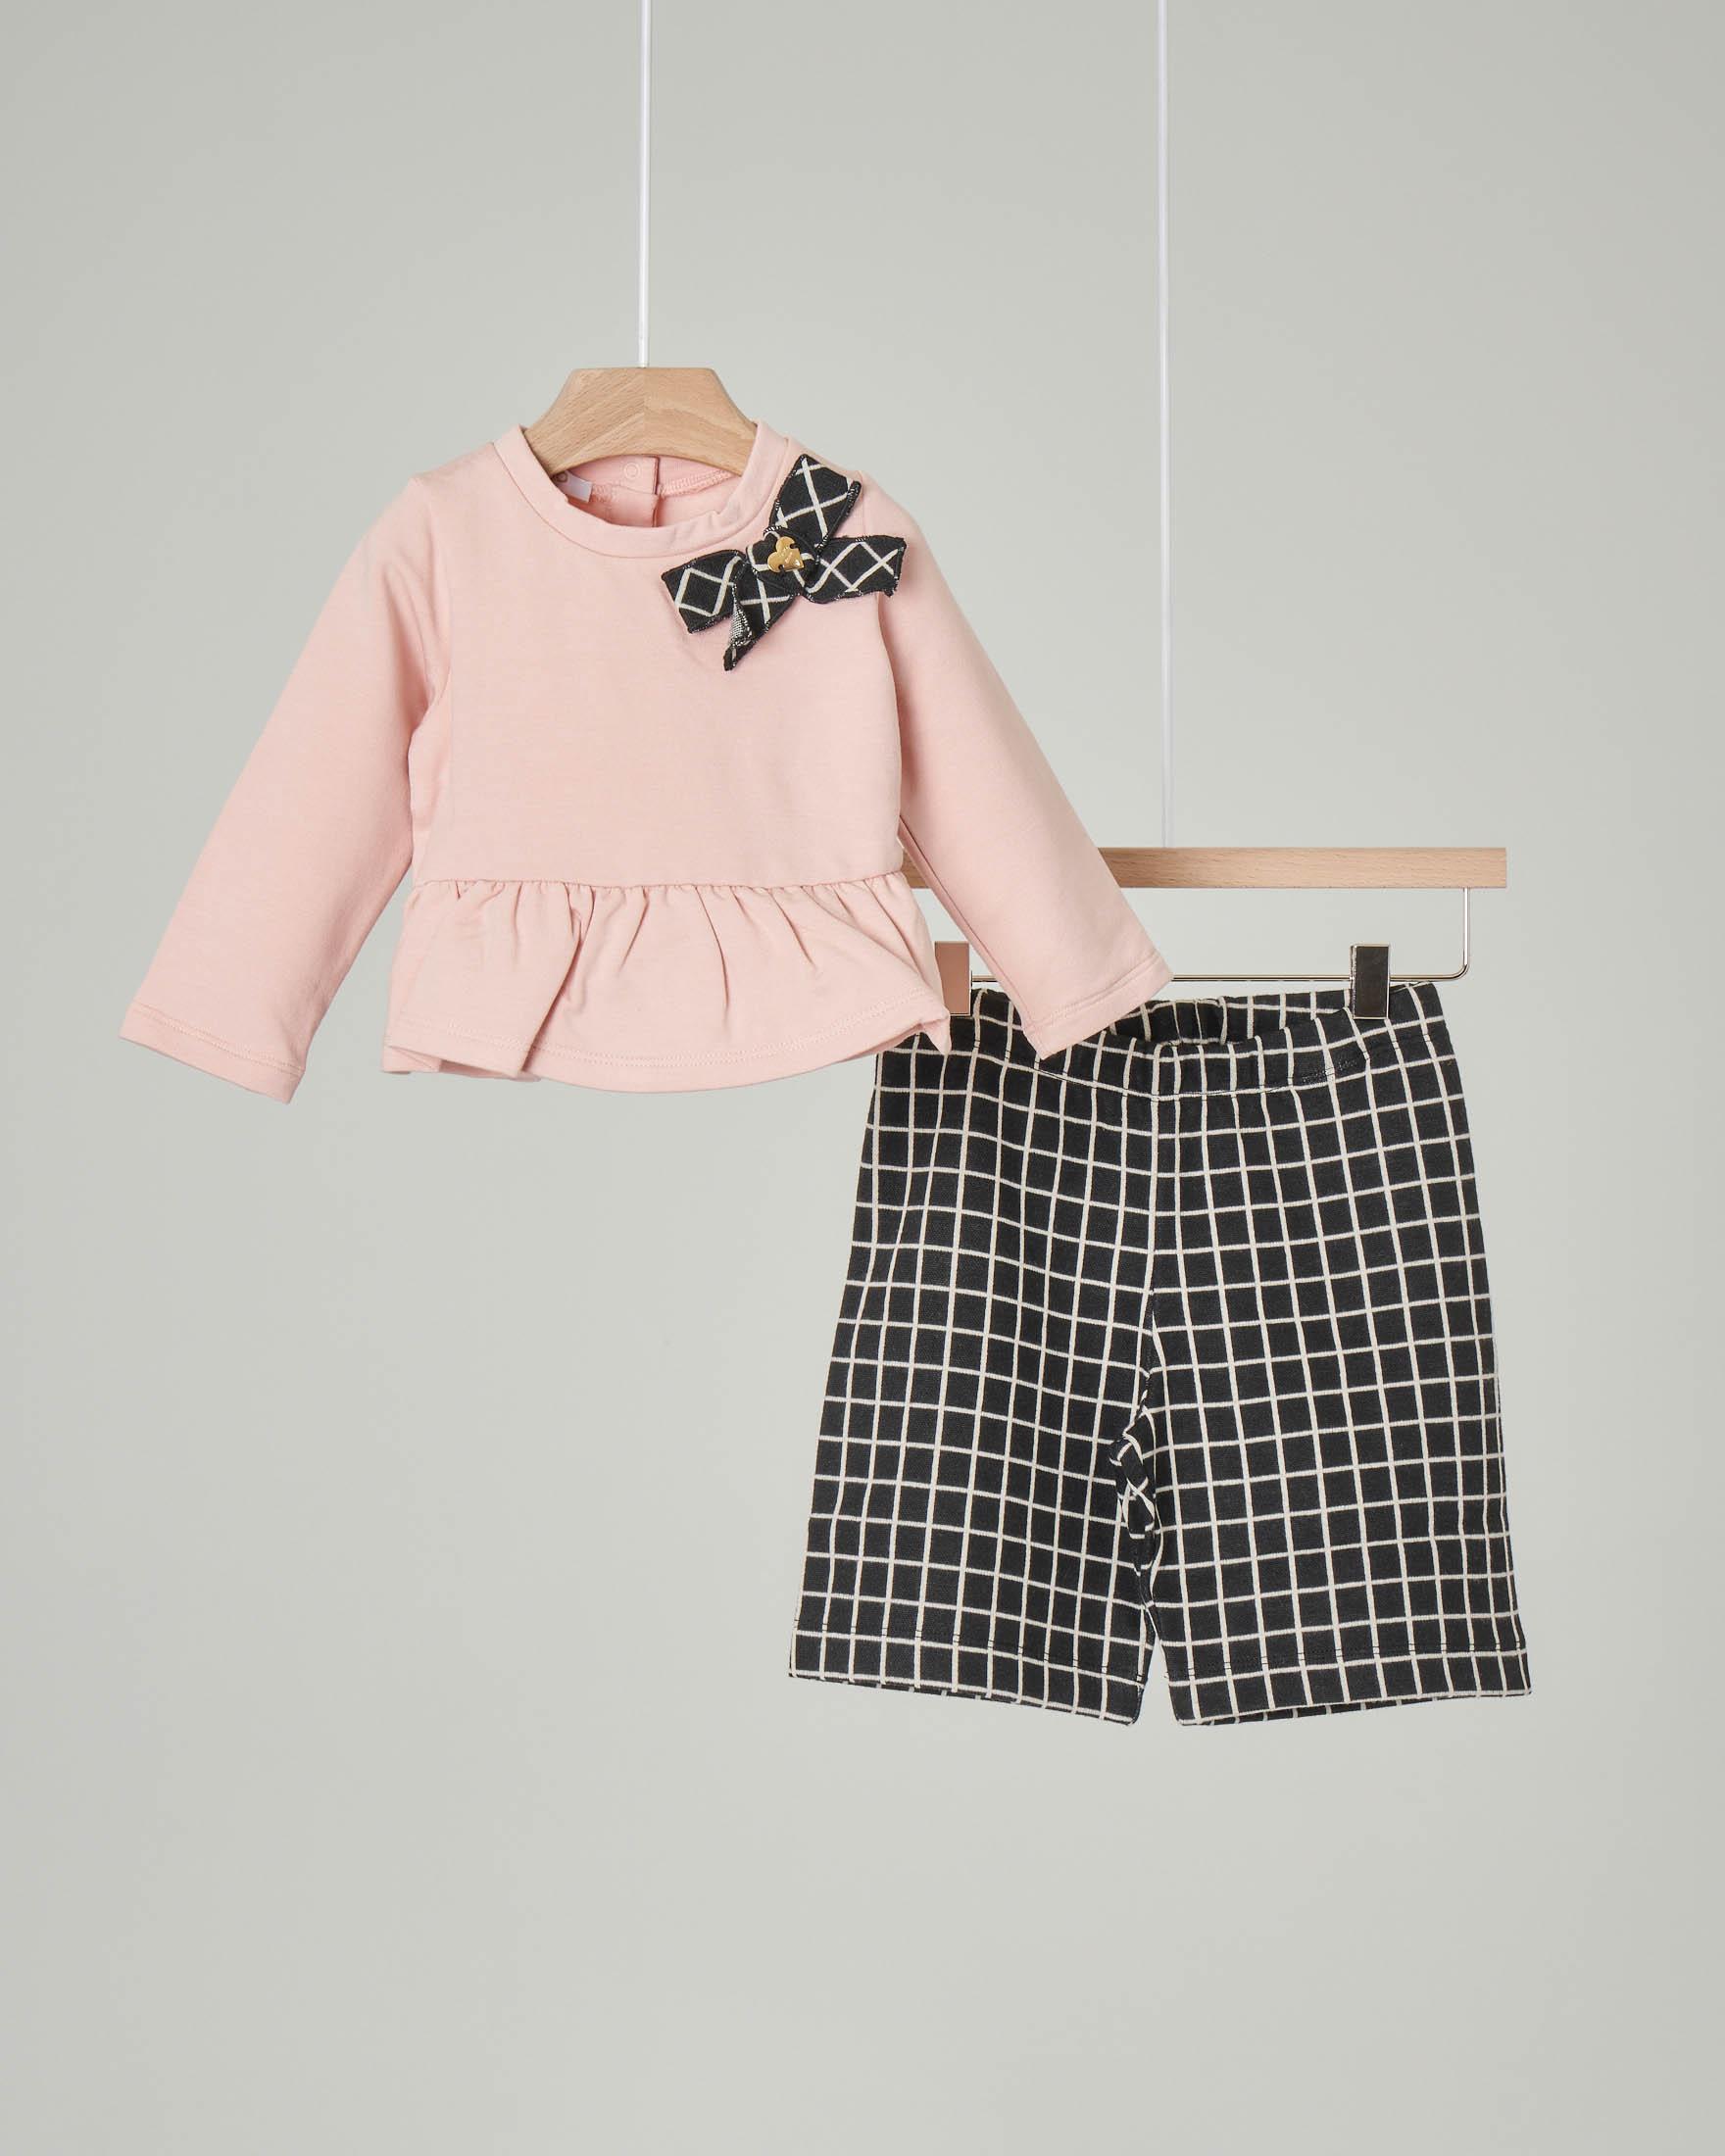 Completo composto da felpa rosa con volant e fiocco e da pantalone nero a quadri 6-18 mesi